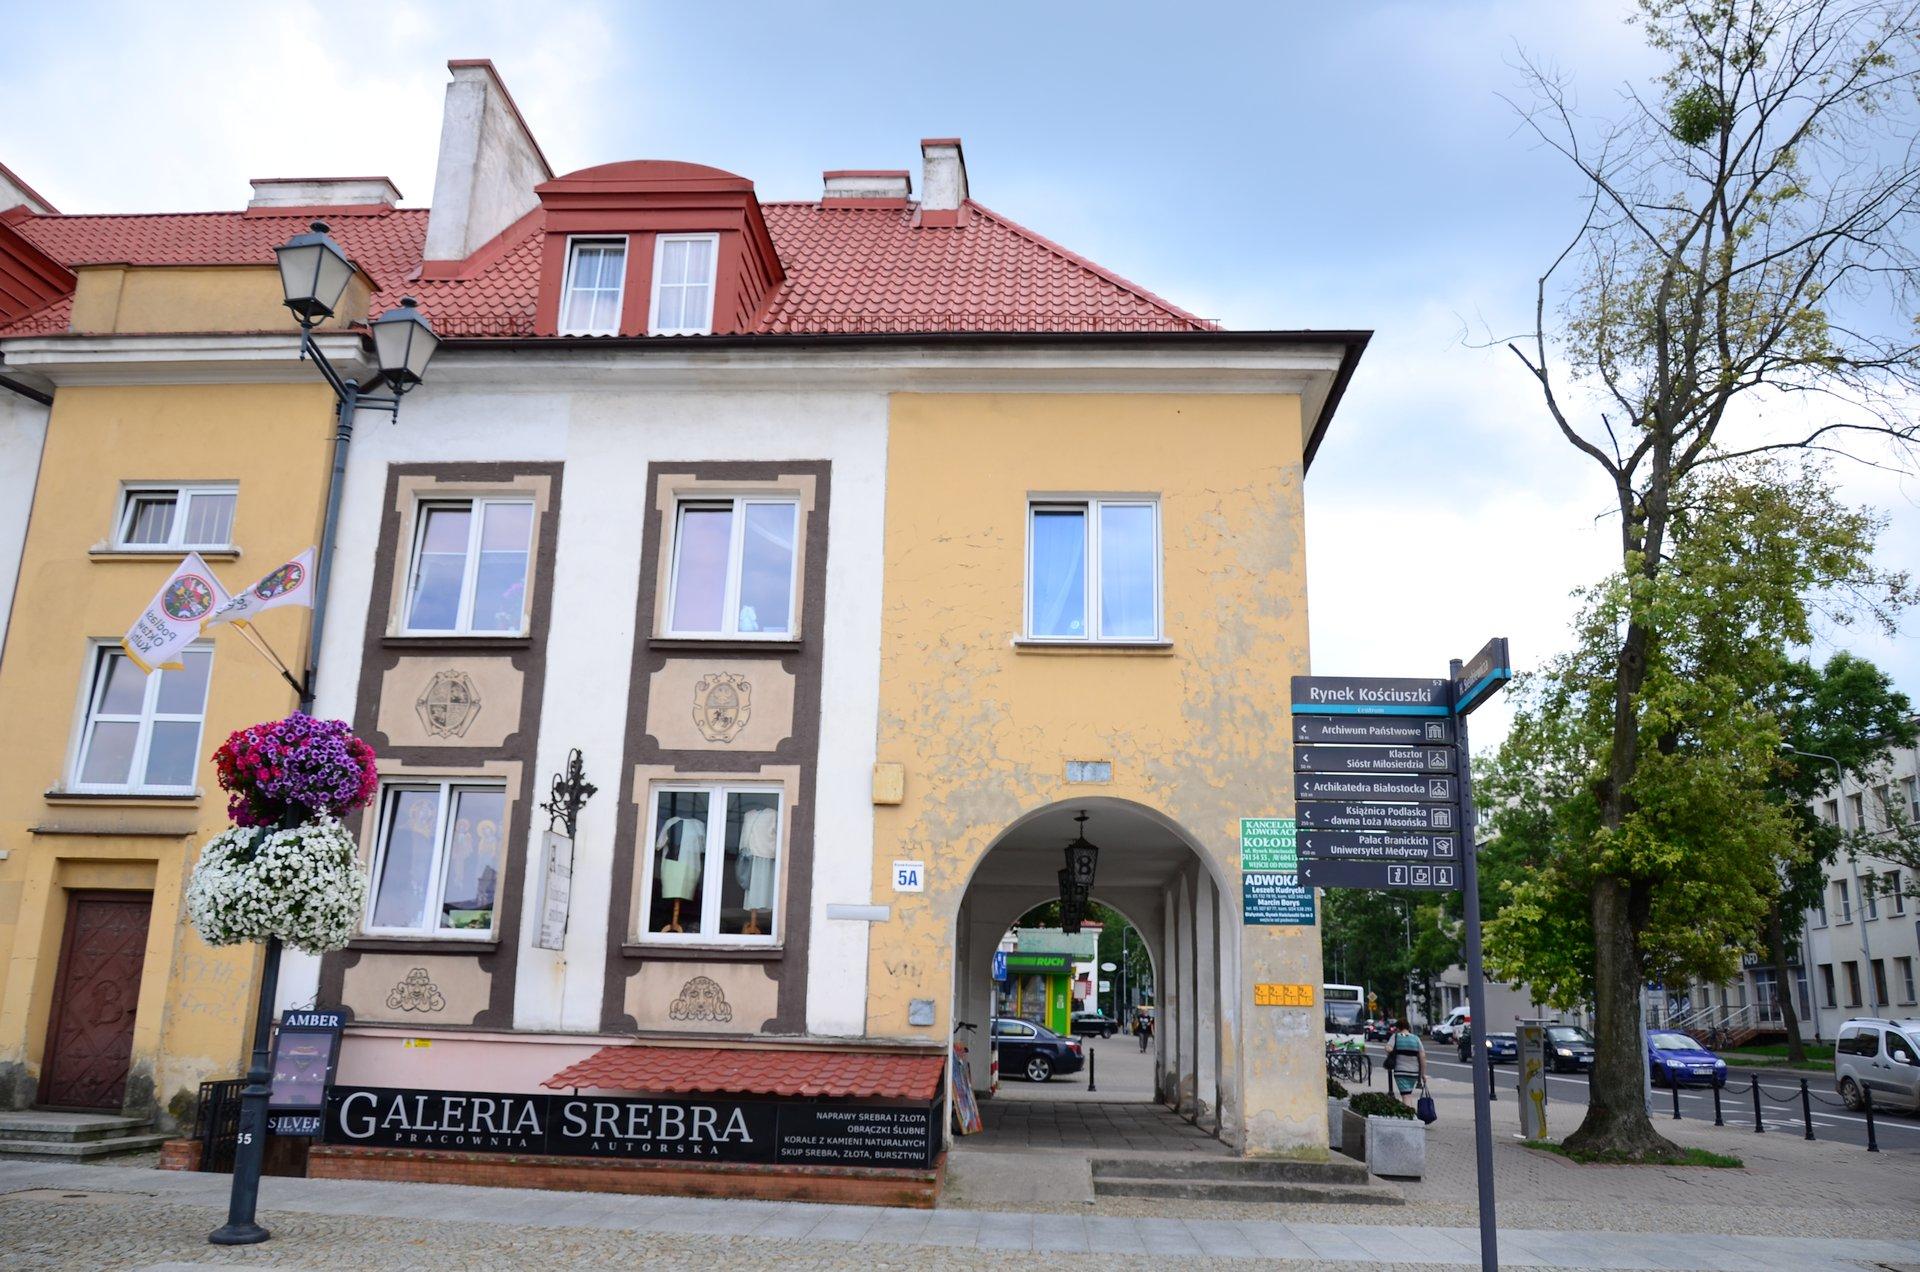 Białystok centrum Rynek Kościuszkifree photo darmowe zdjęcie